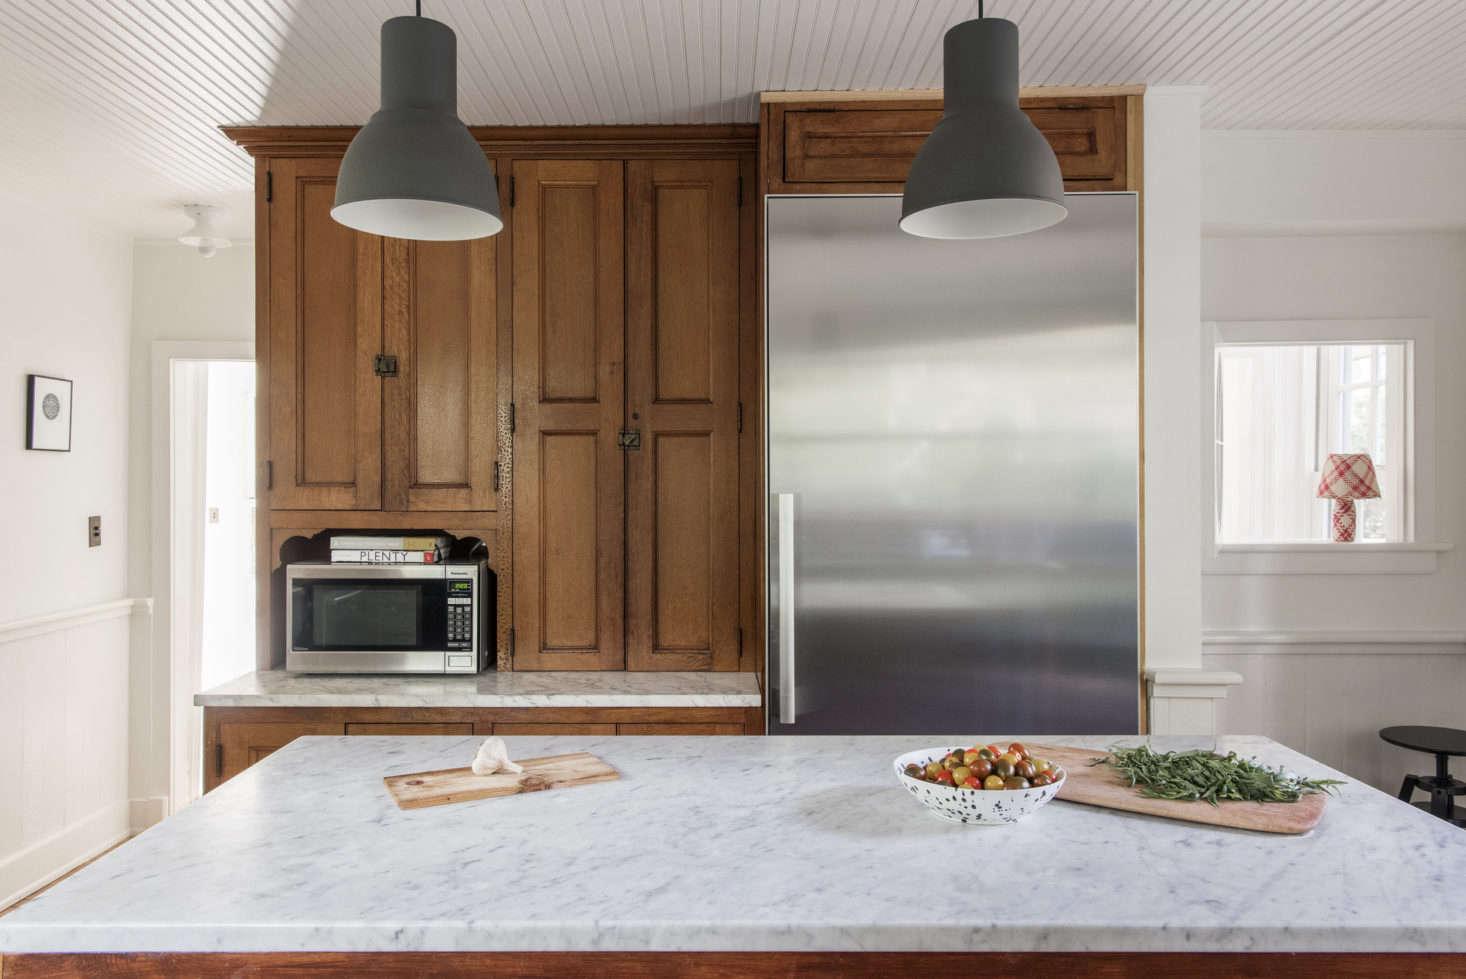 The kitchen pendant lights areHektar from Ikea.